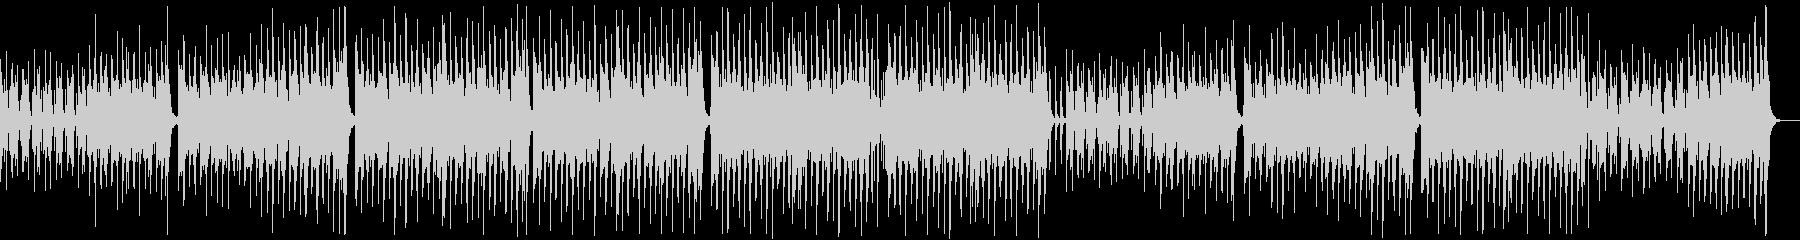 のんびり楽しいレゲエポップ:無メロディ弦の未再生の波形